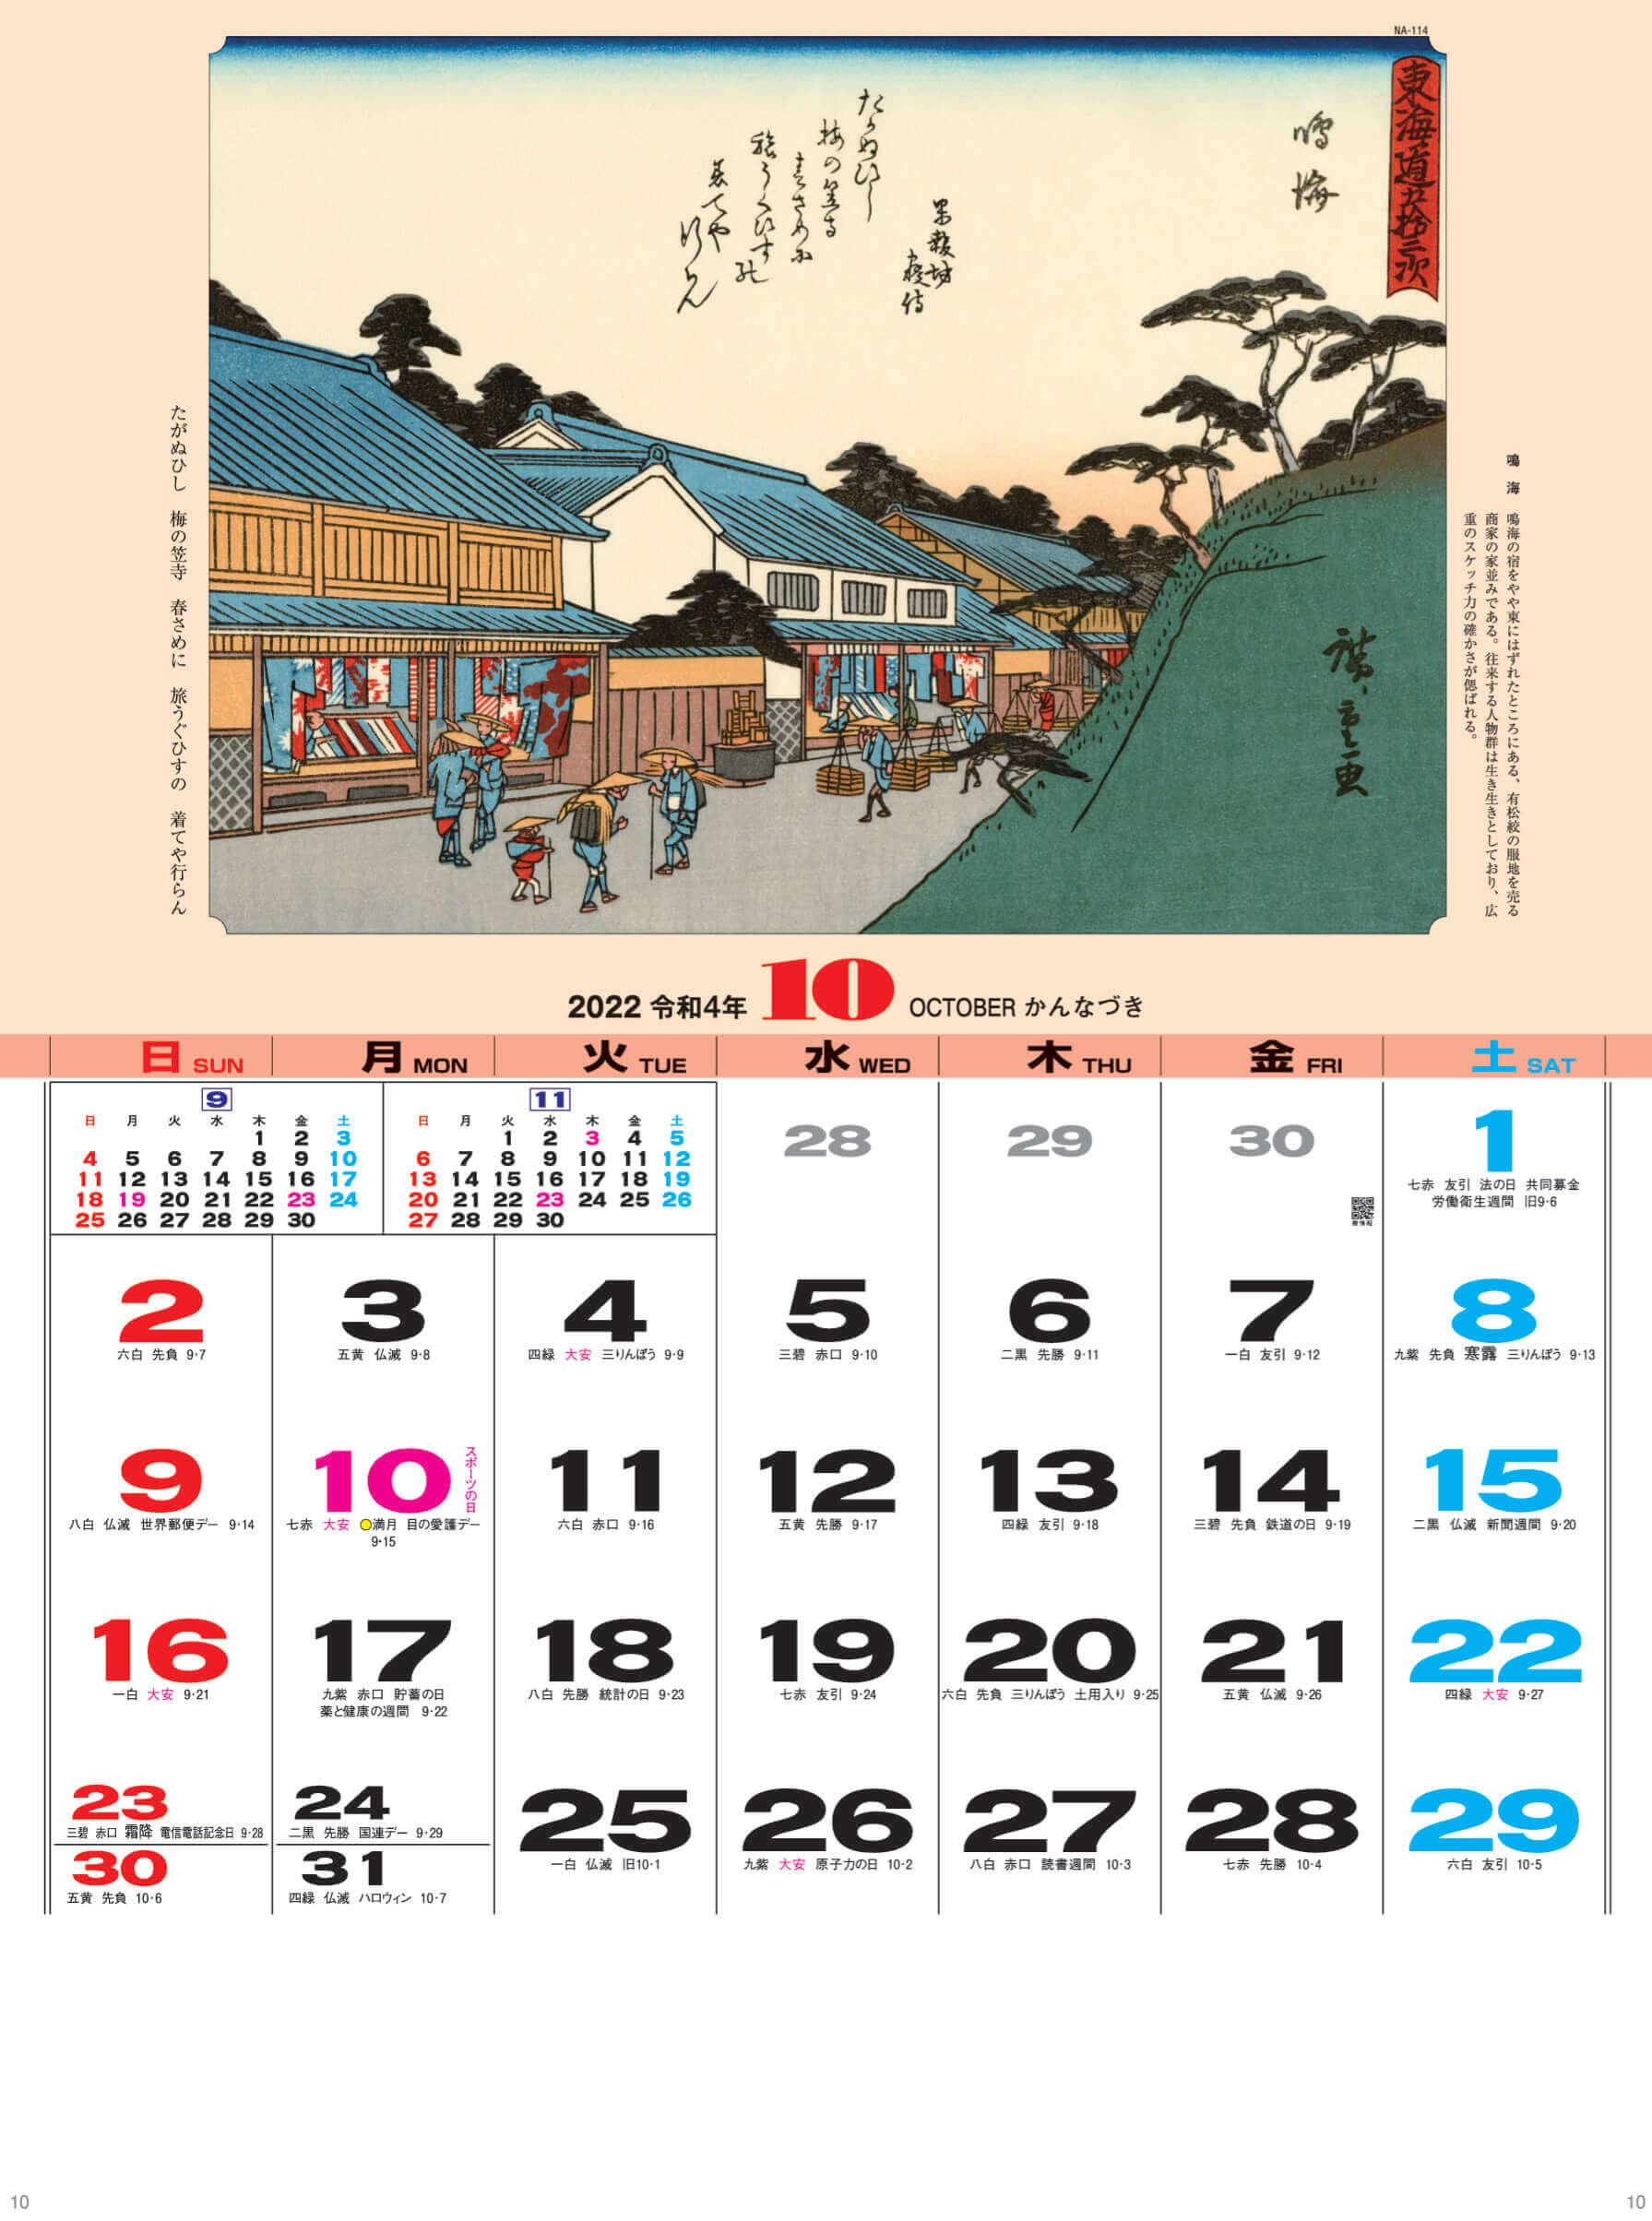 鳴海 広重 東海道五十三次 2022年カレンダーの画像